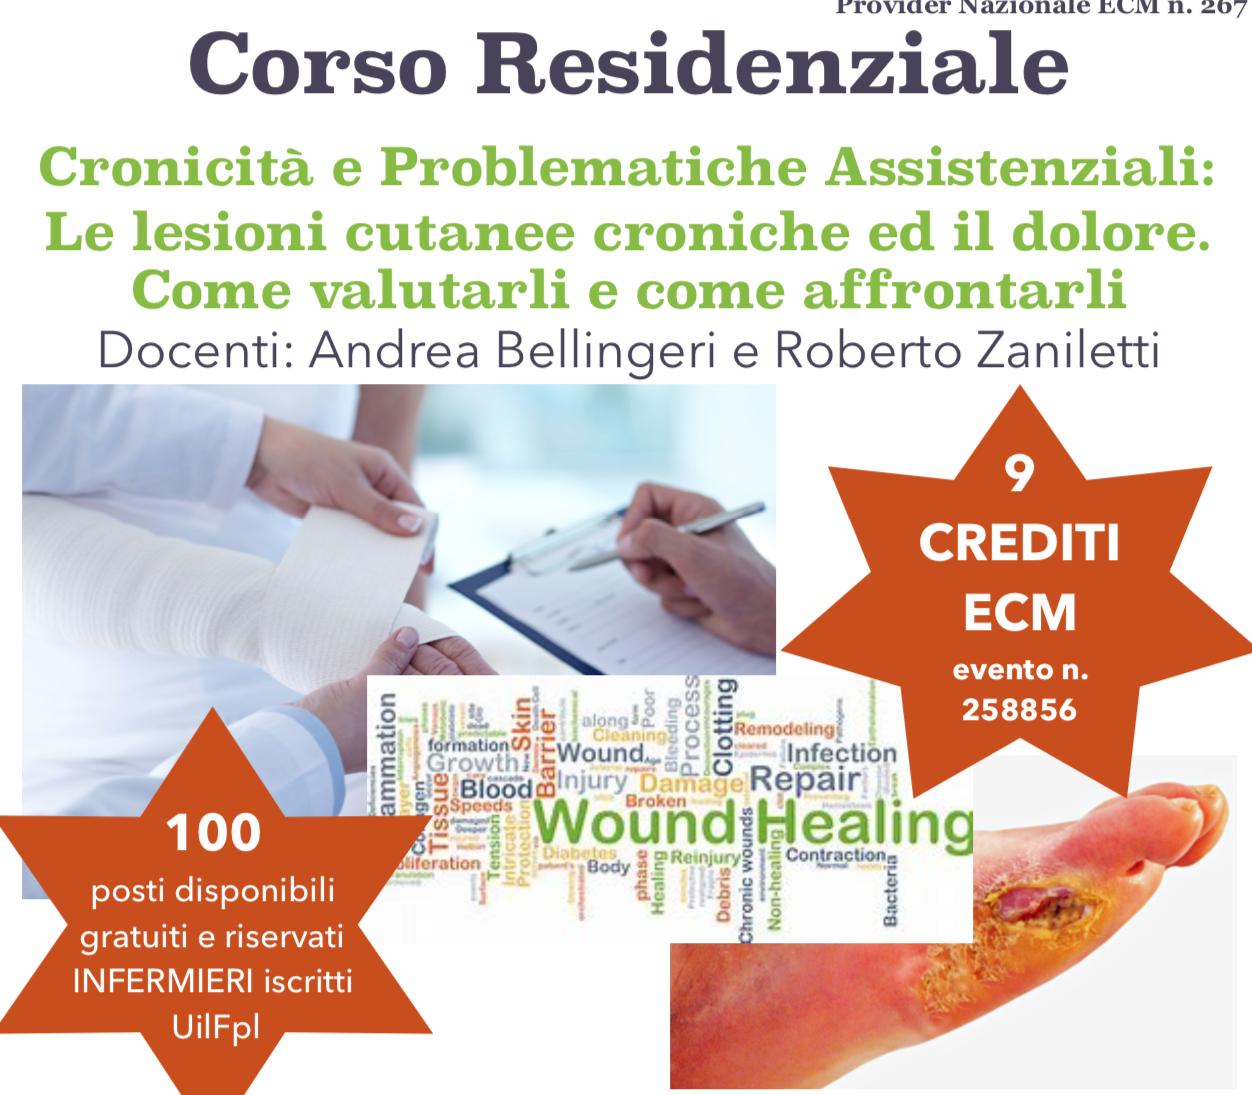 Corso Residenziale - Cronicità e Problematiche Assistenziali : Le lesioni cutanee croniche ed il dolore. Come valutarli e come affrontarli